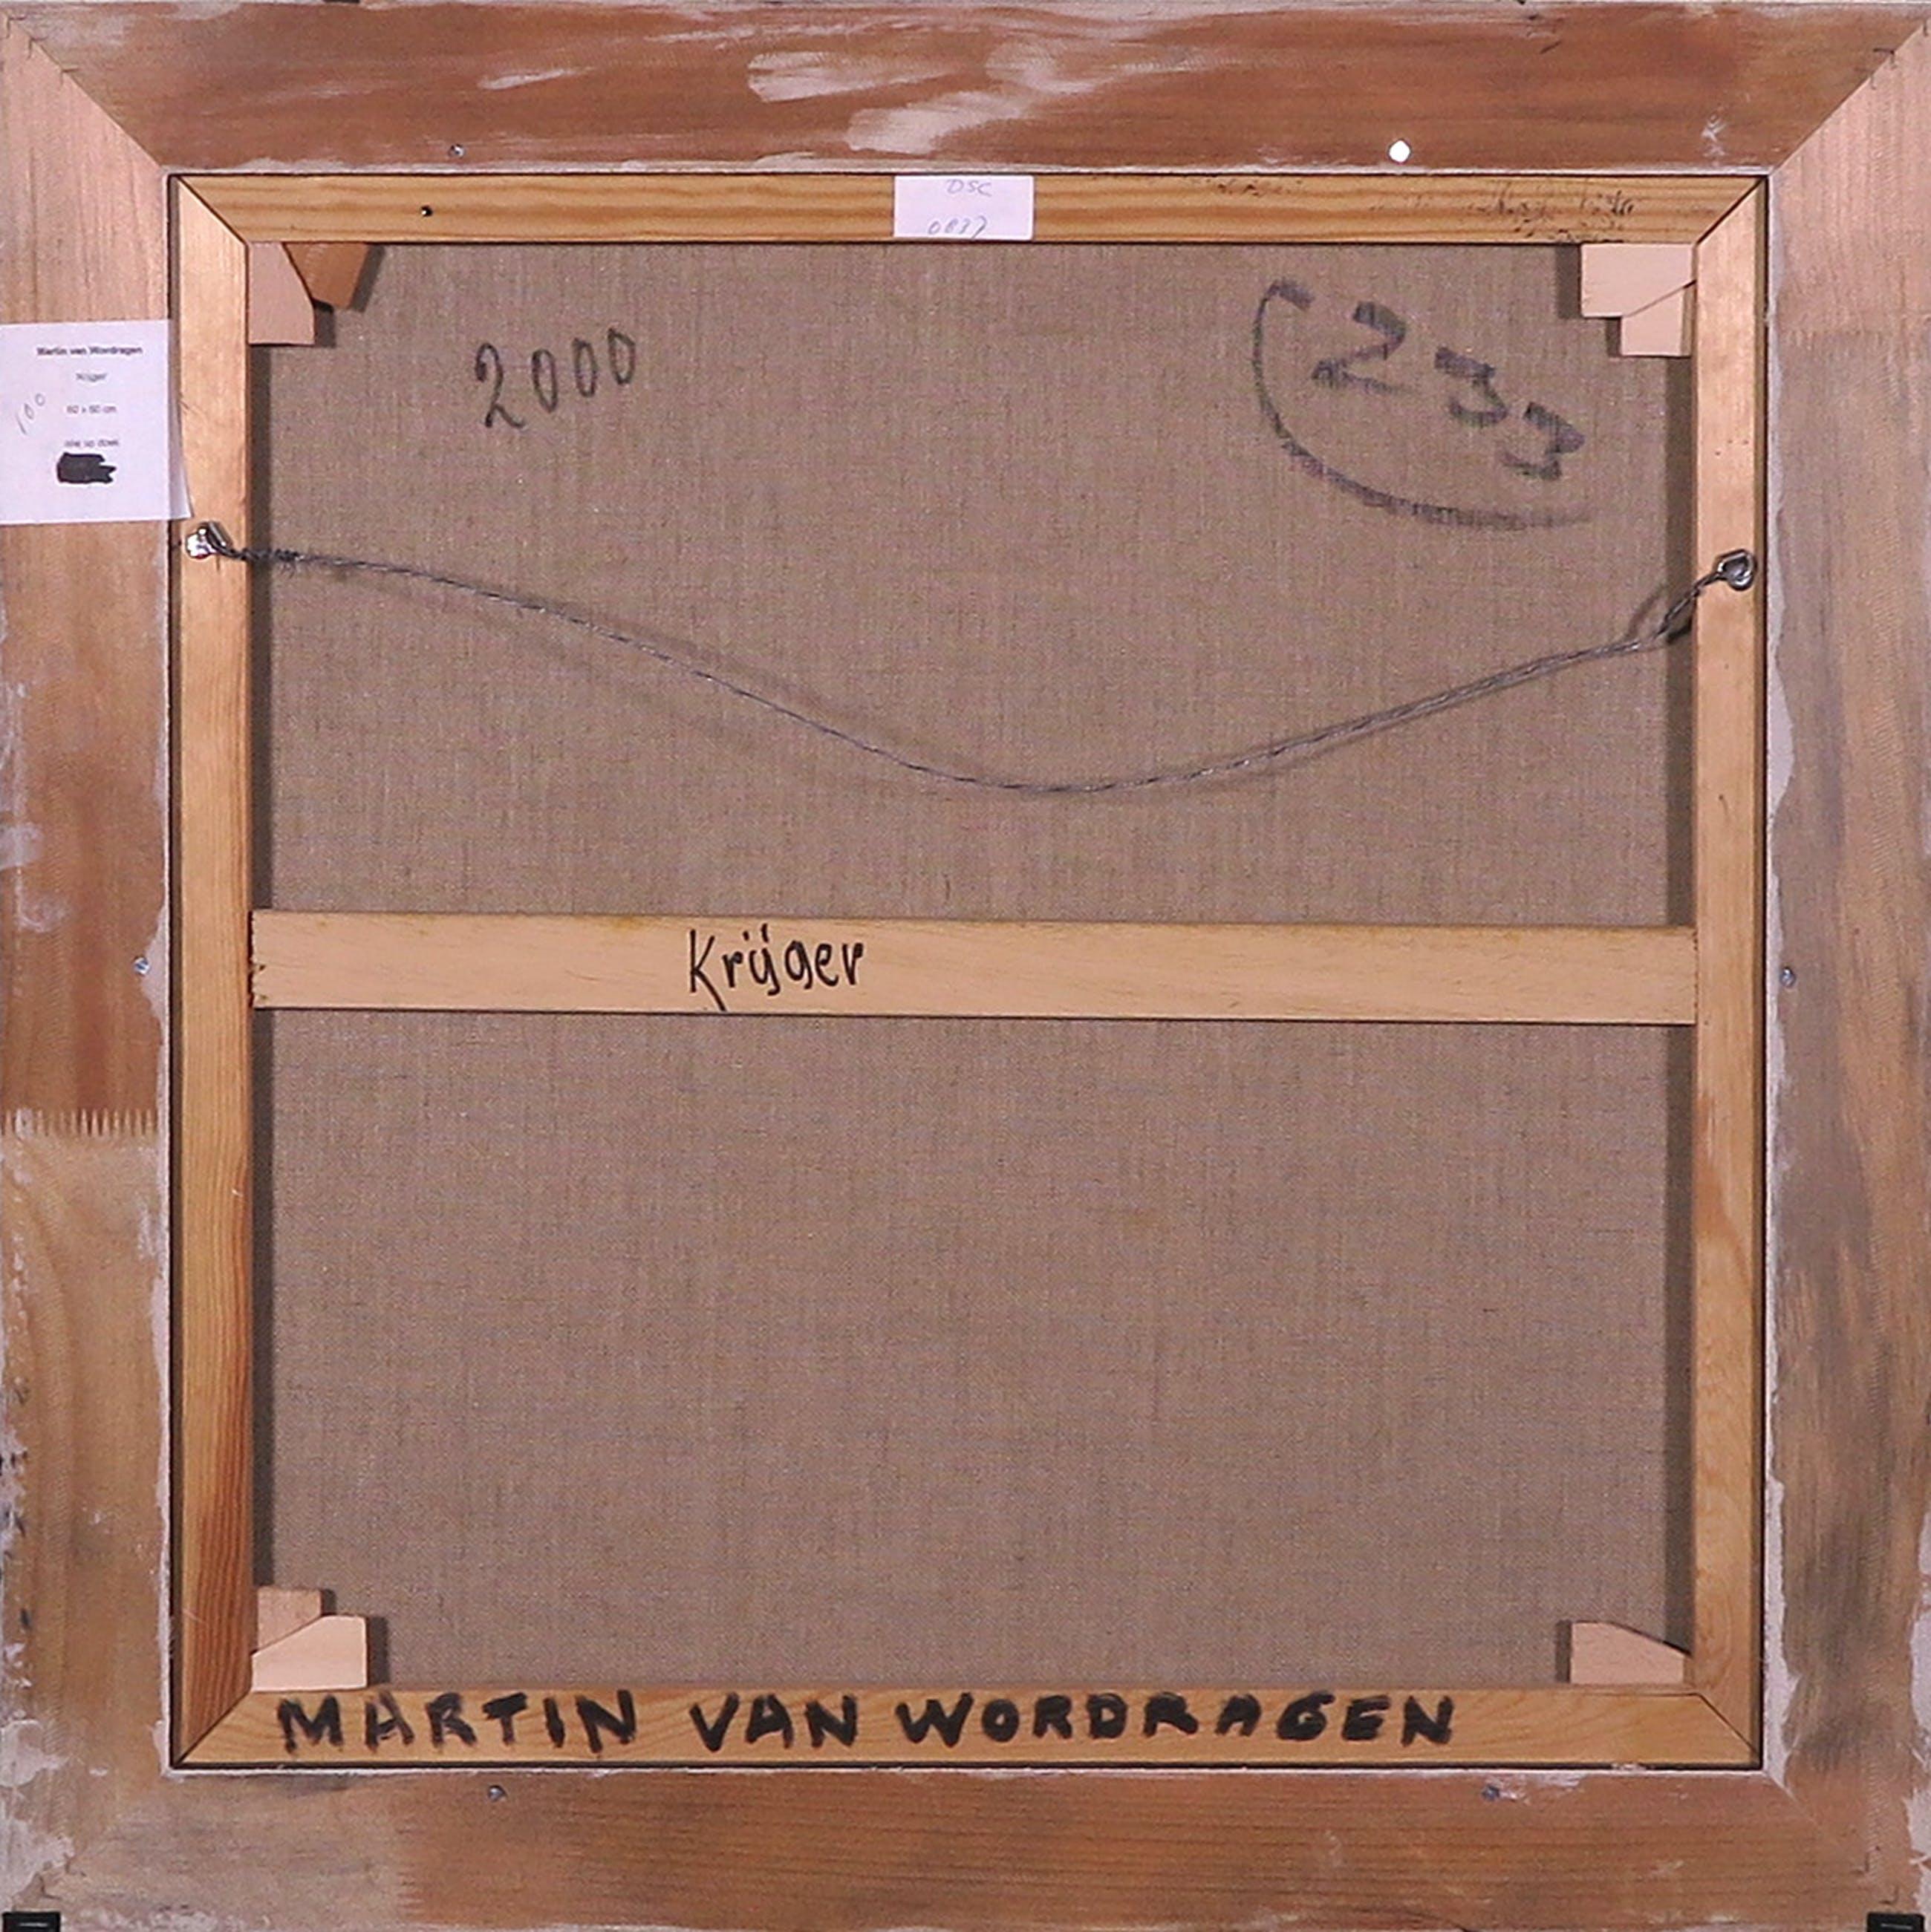 Martin van Wordragen - Olieverf op doek, Krijger, Ingelijst kopen? Bied vanaf 150!